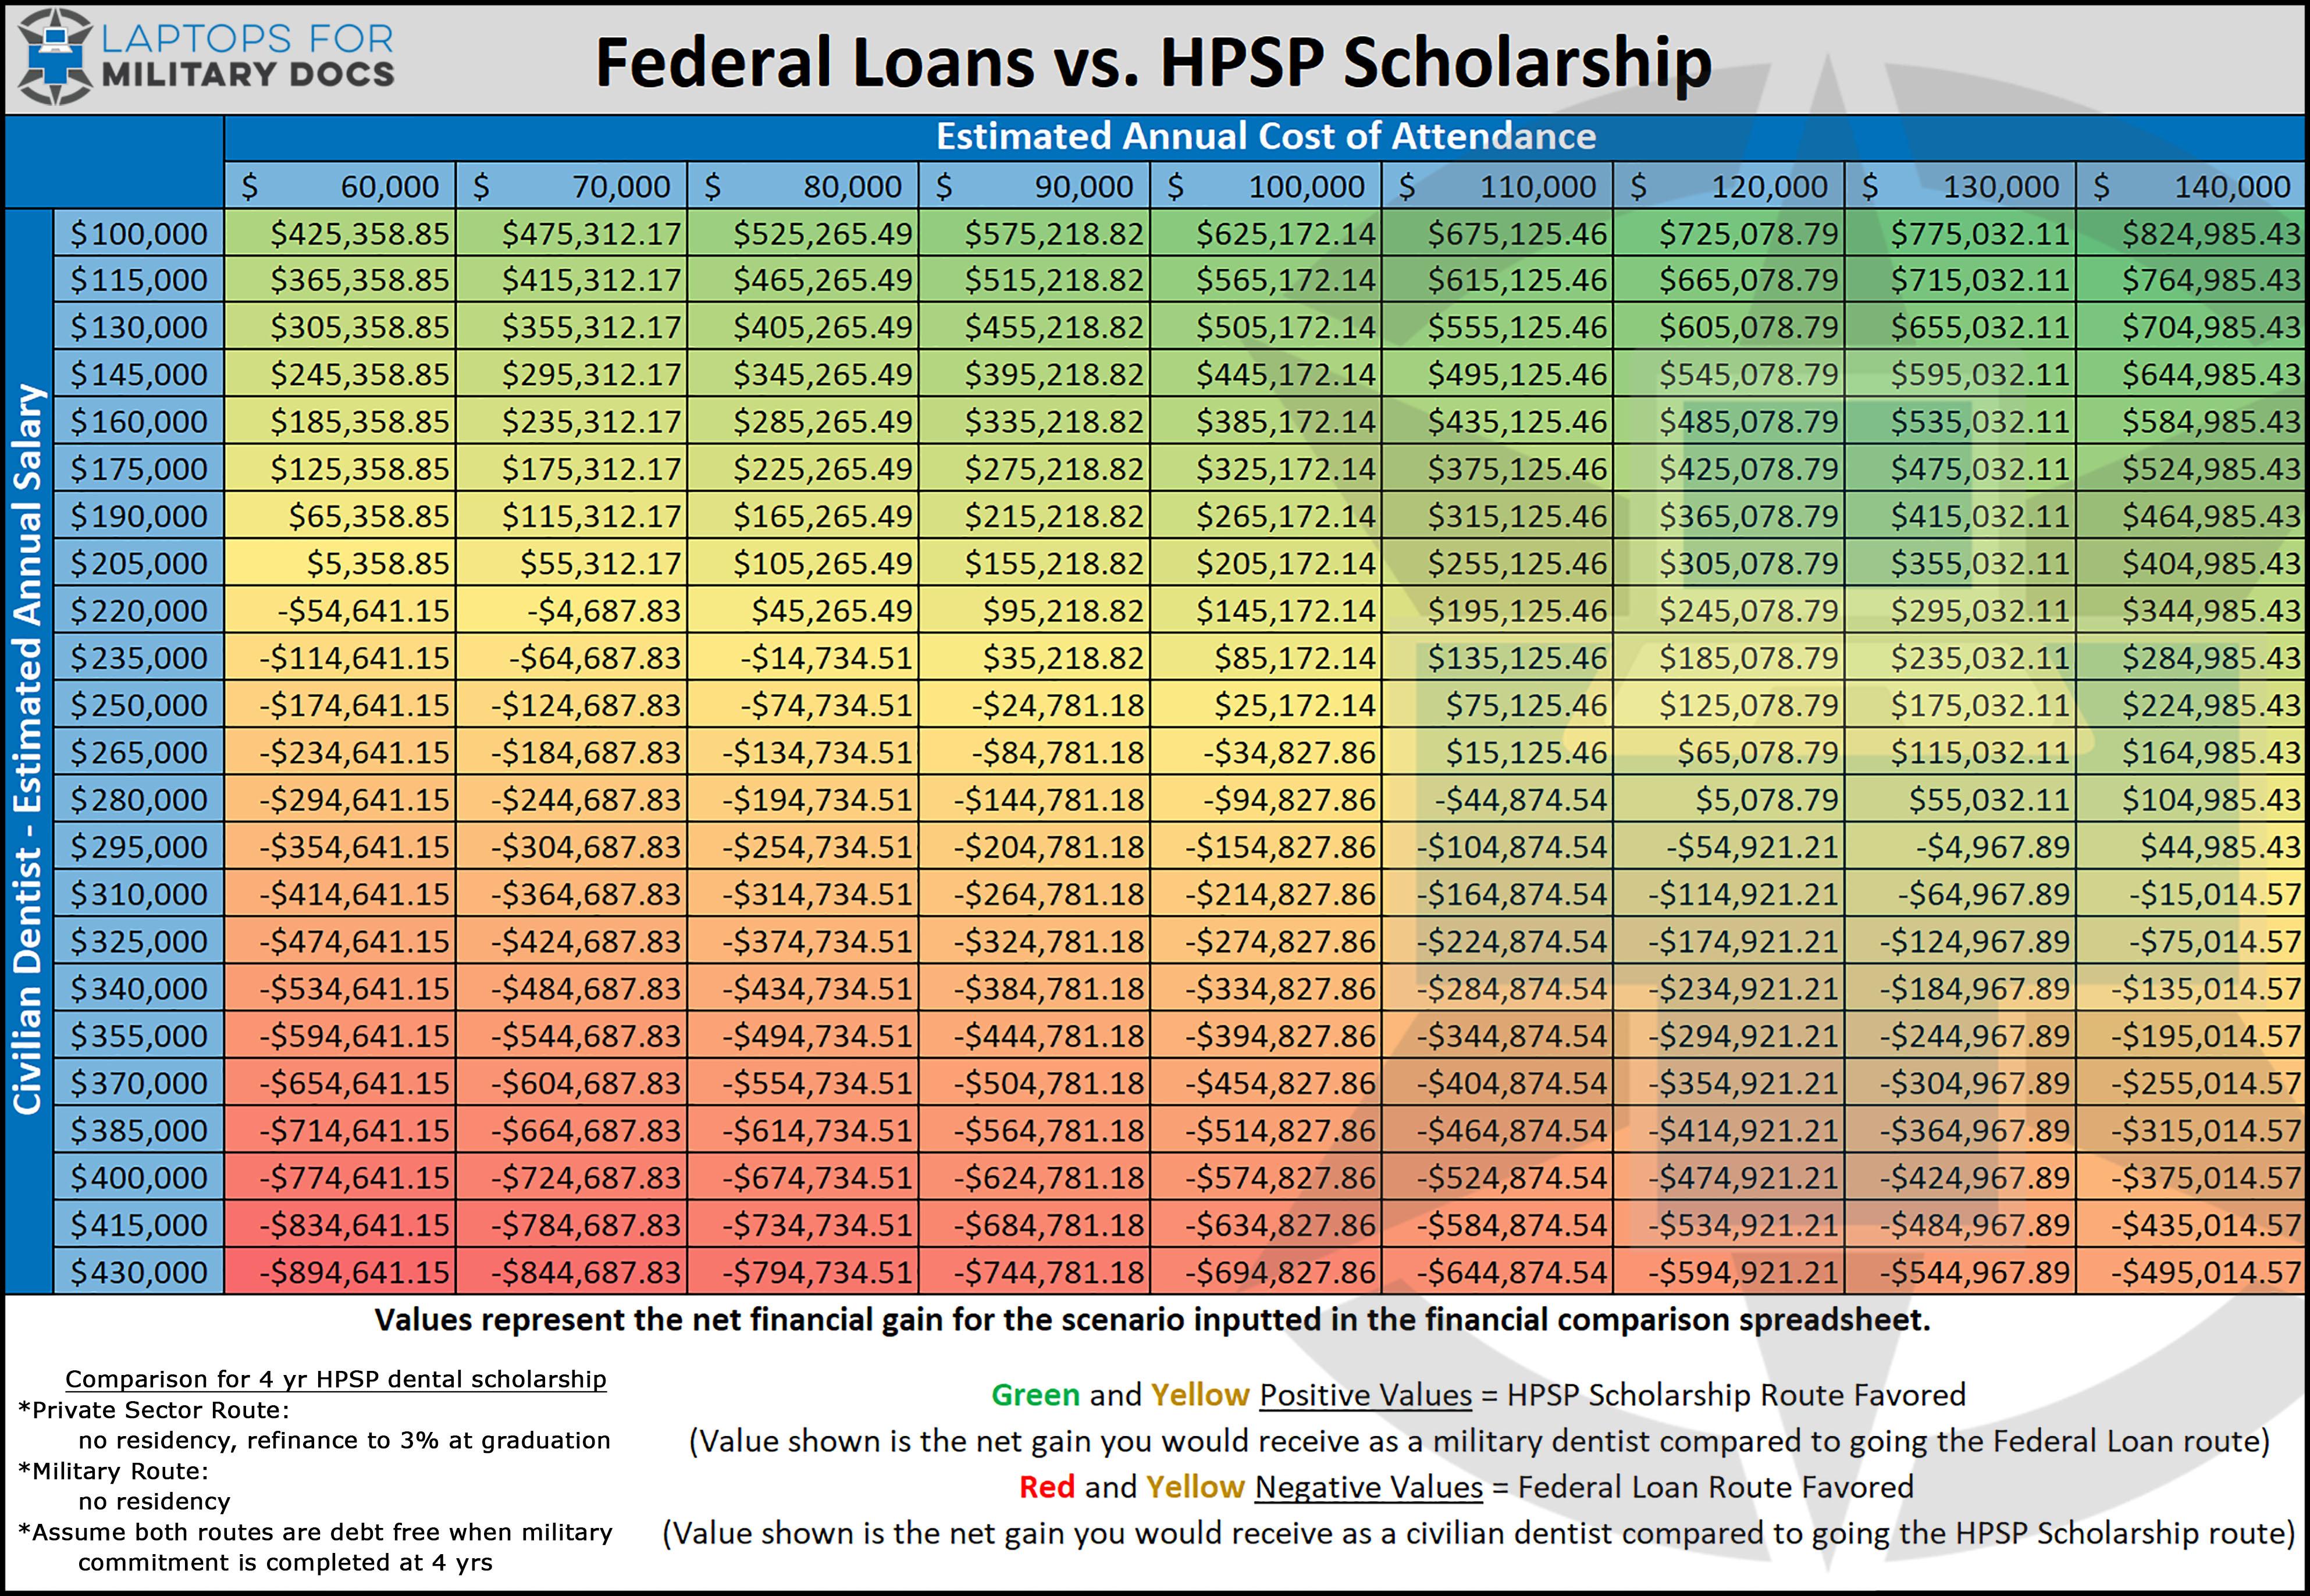 HPSP Financial Analysis Summary Table